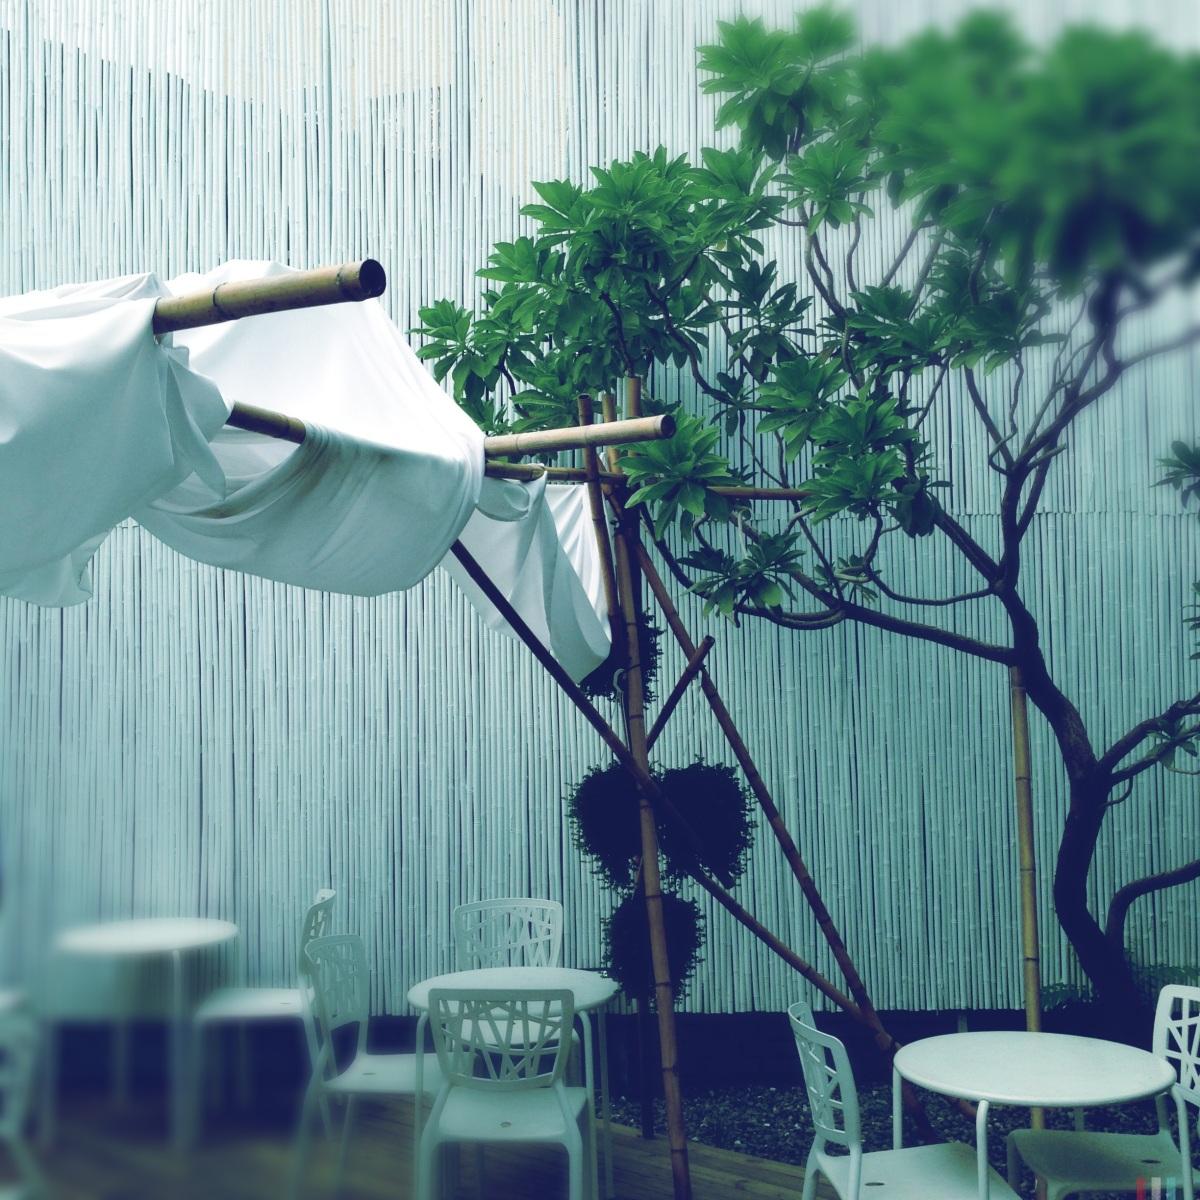 民宿與藝術空間的結合 - 台南市的八又二分之一 7